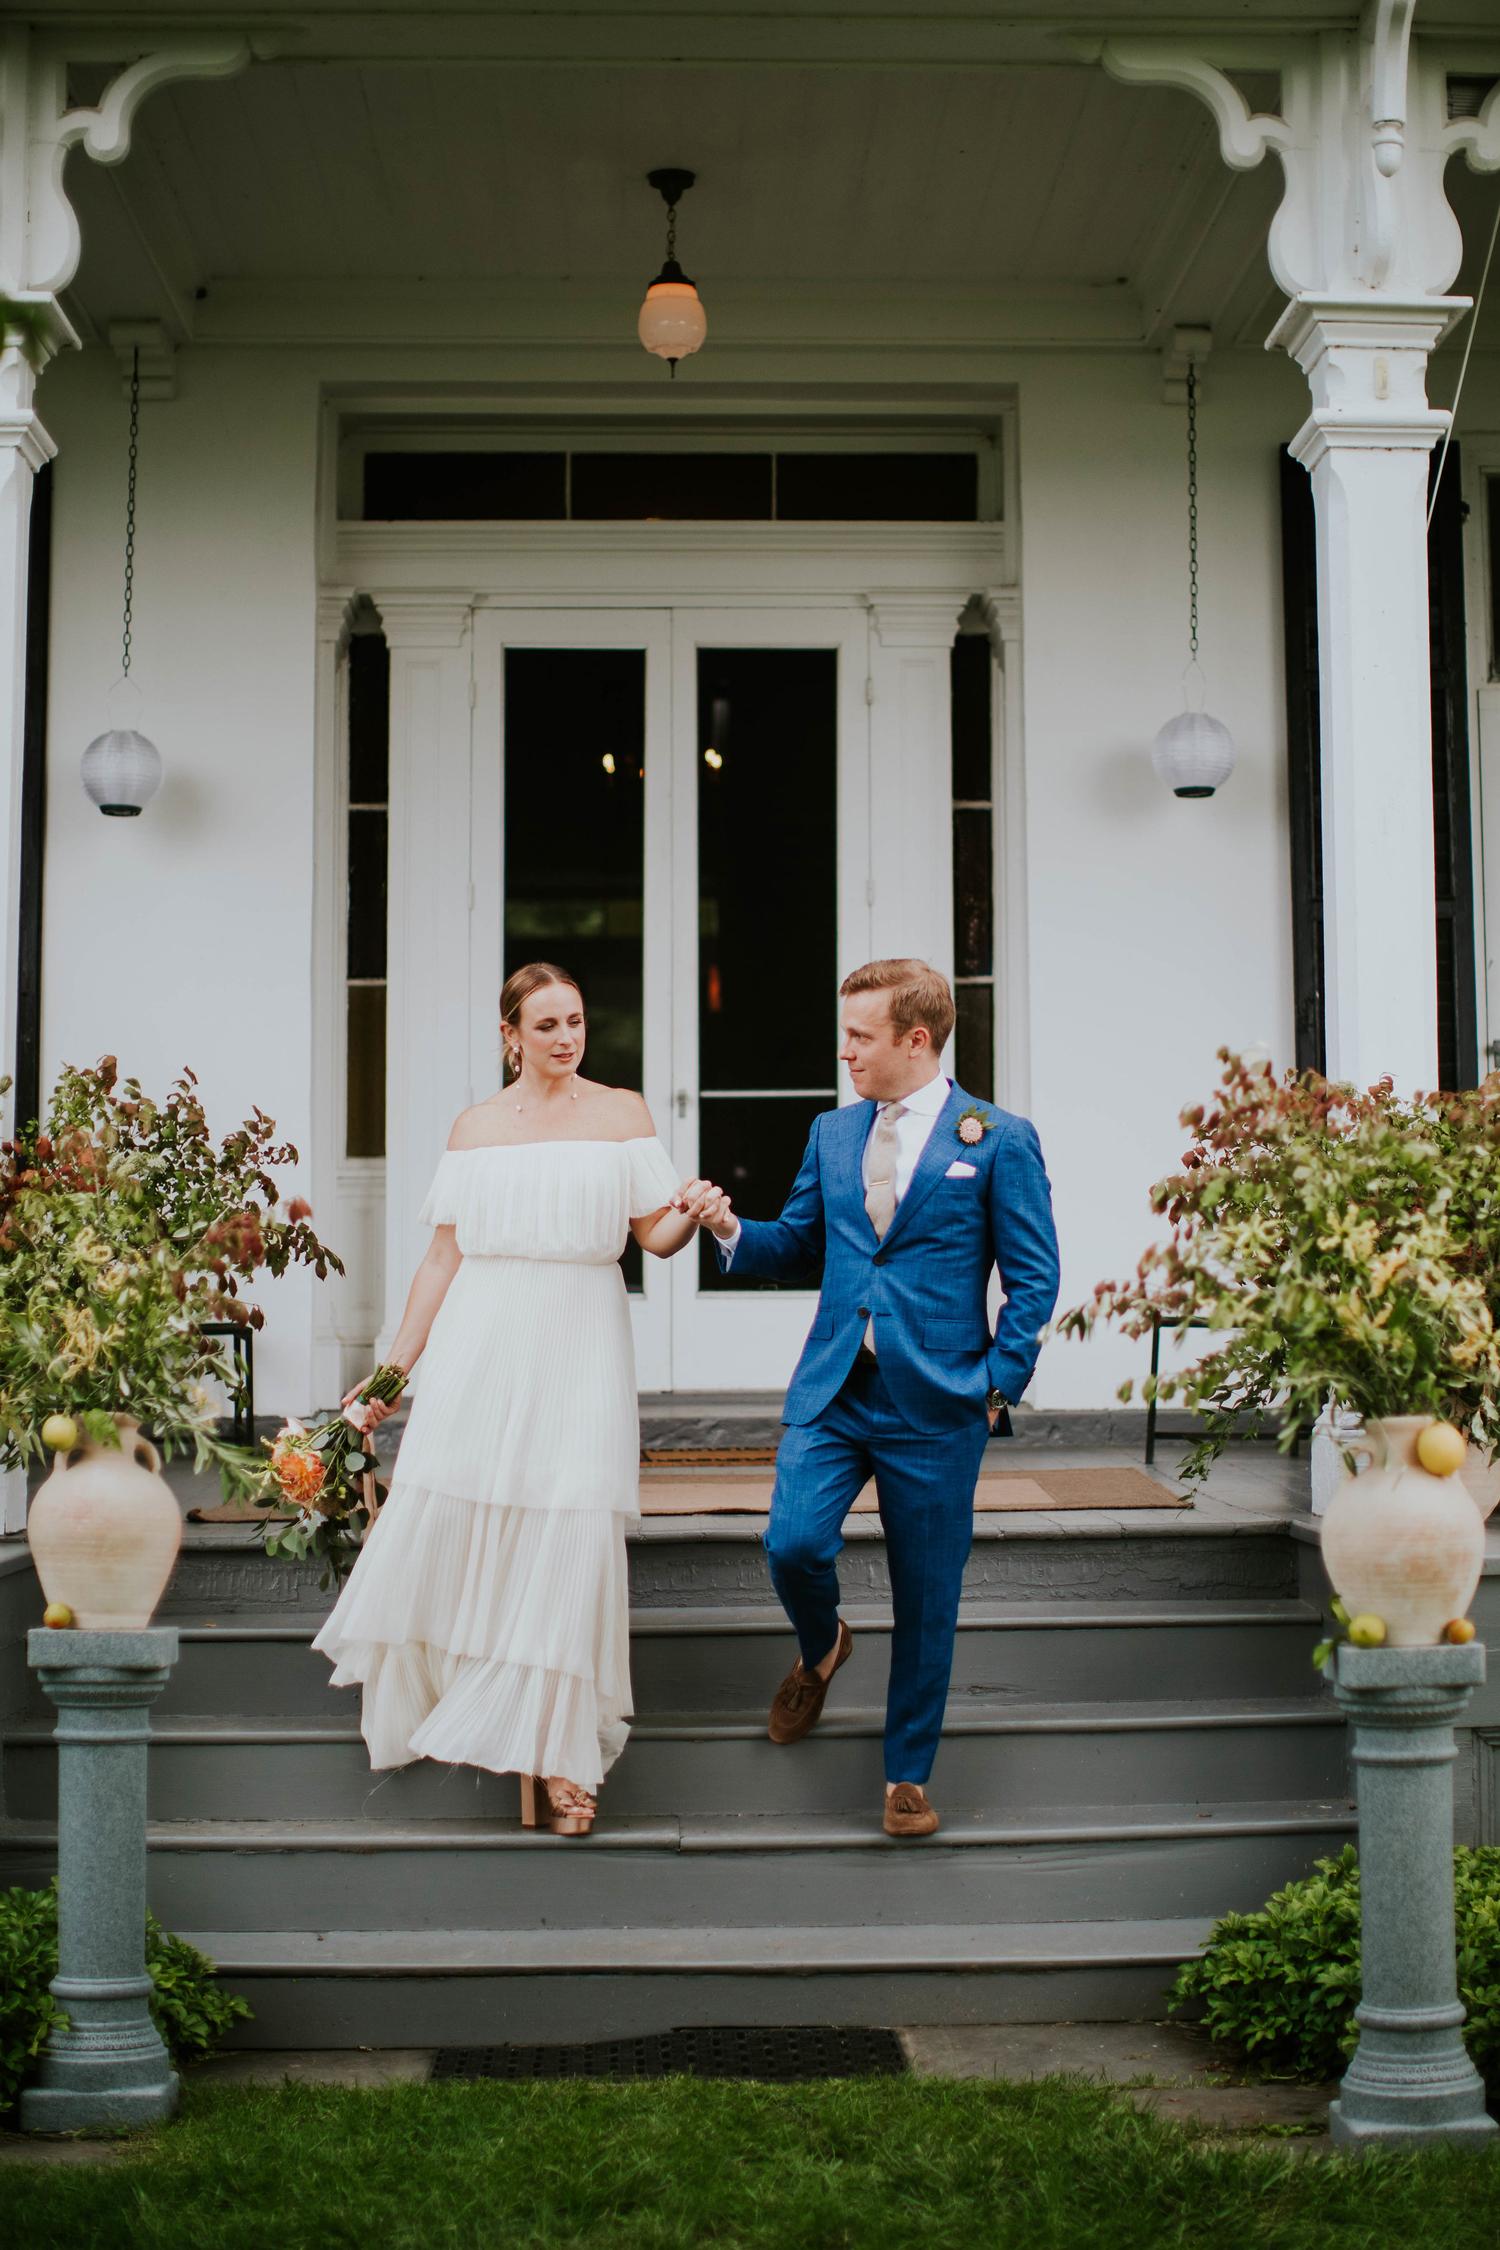 groom escorting bride down stairs